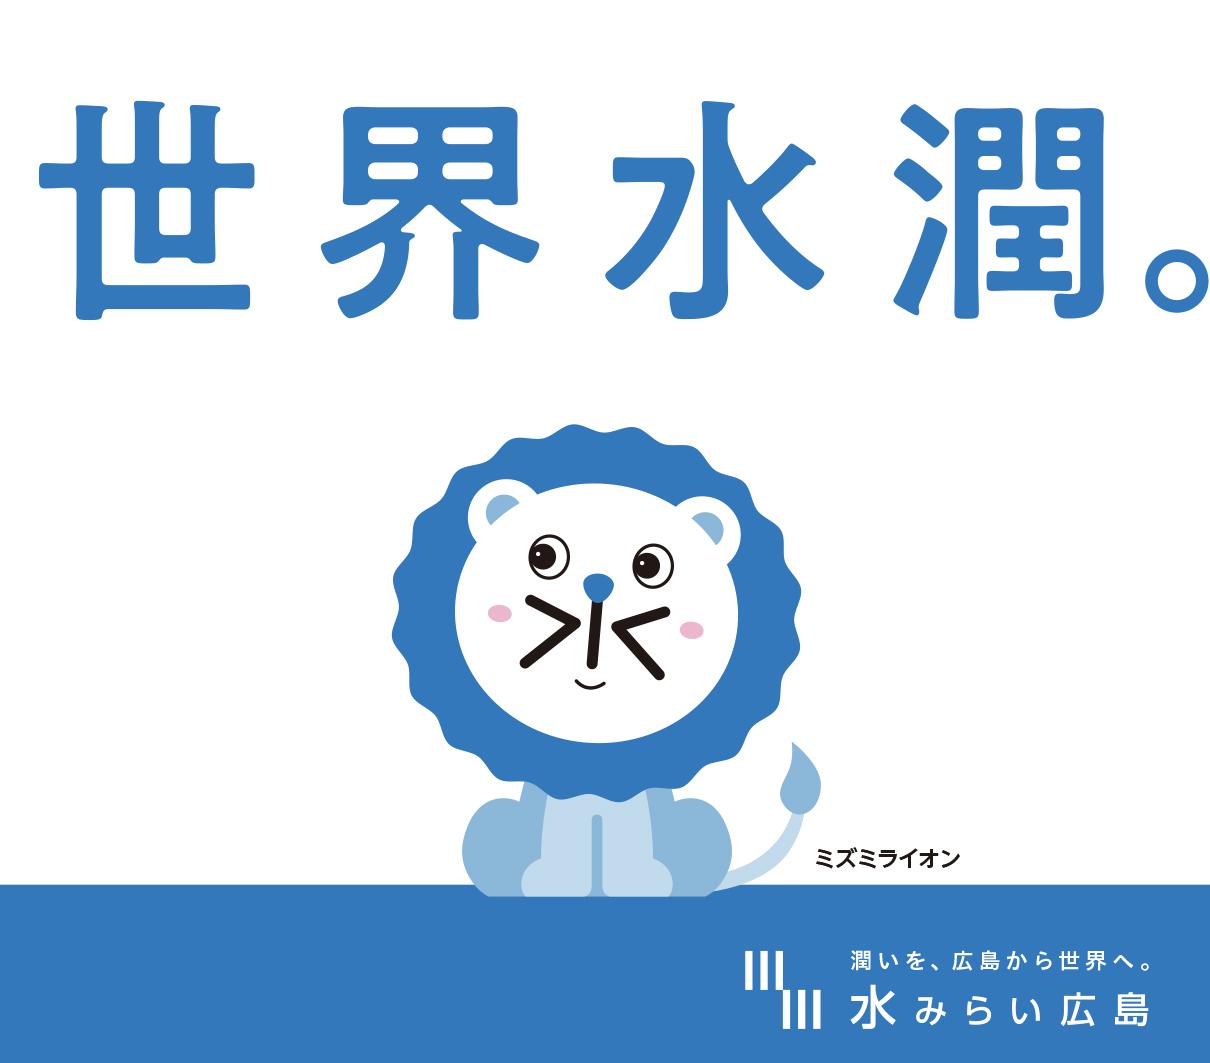 水みらい広島 キャラクター、スローガン、キービジュアル